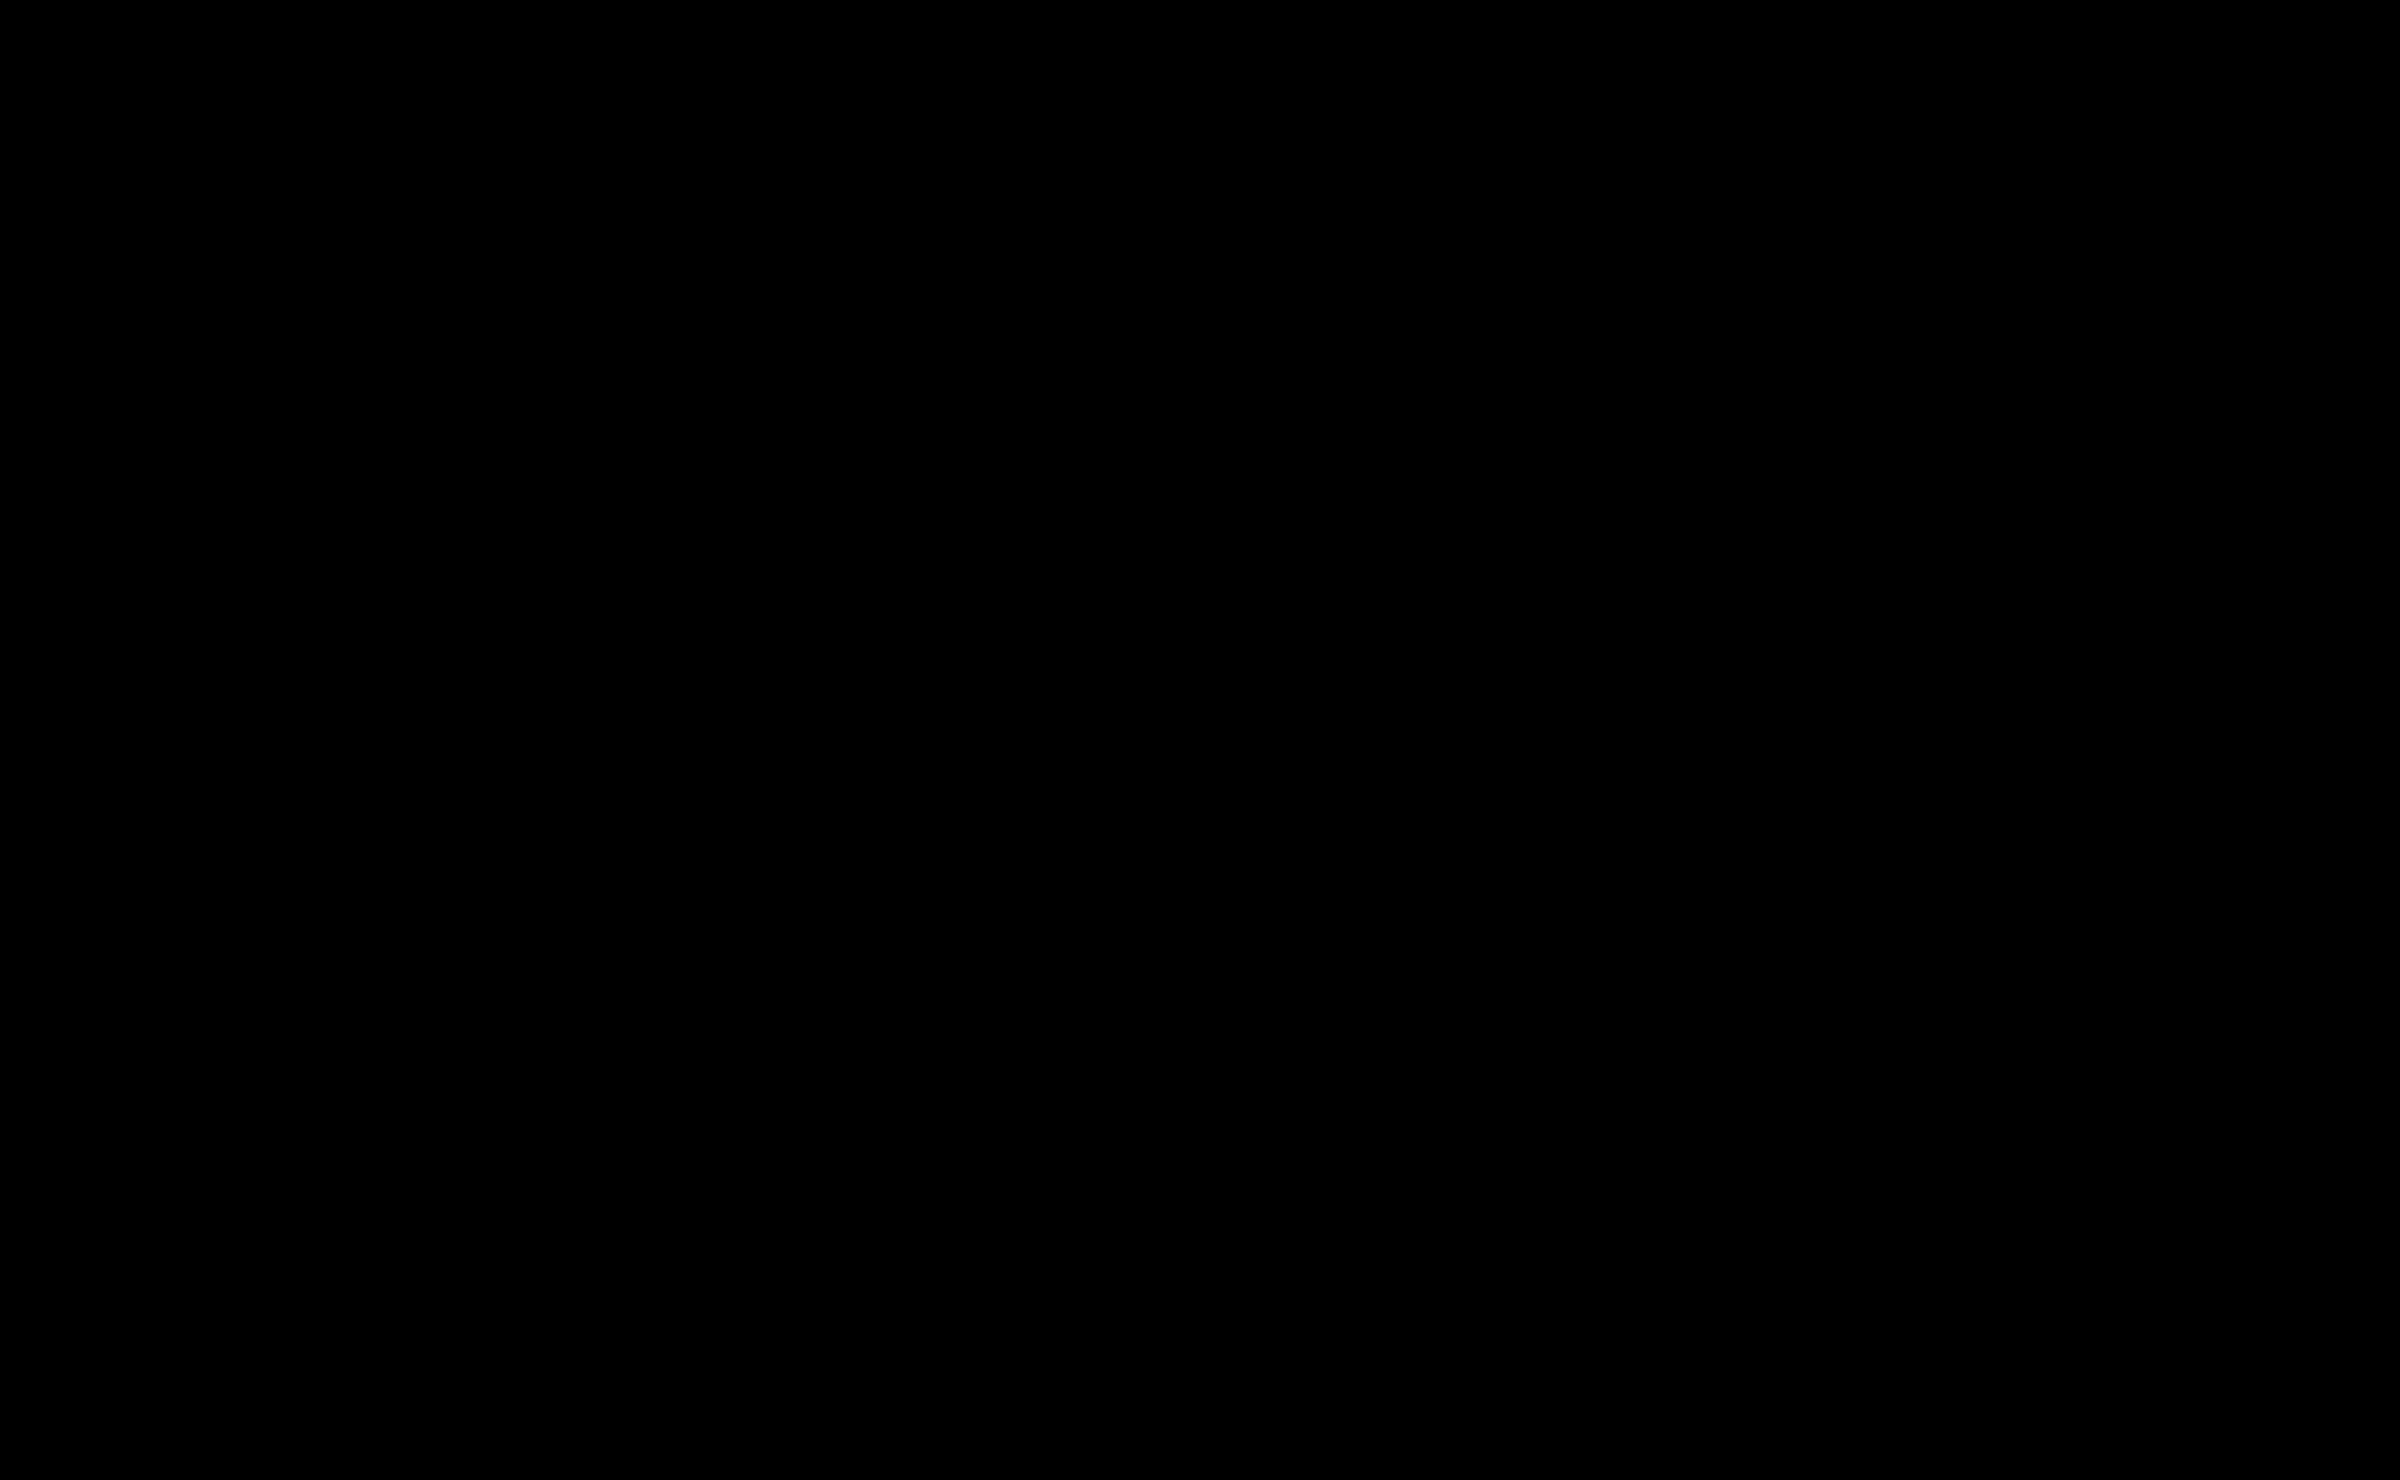 Diseño de Sonido en Wavetable de Ableton Live 10